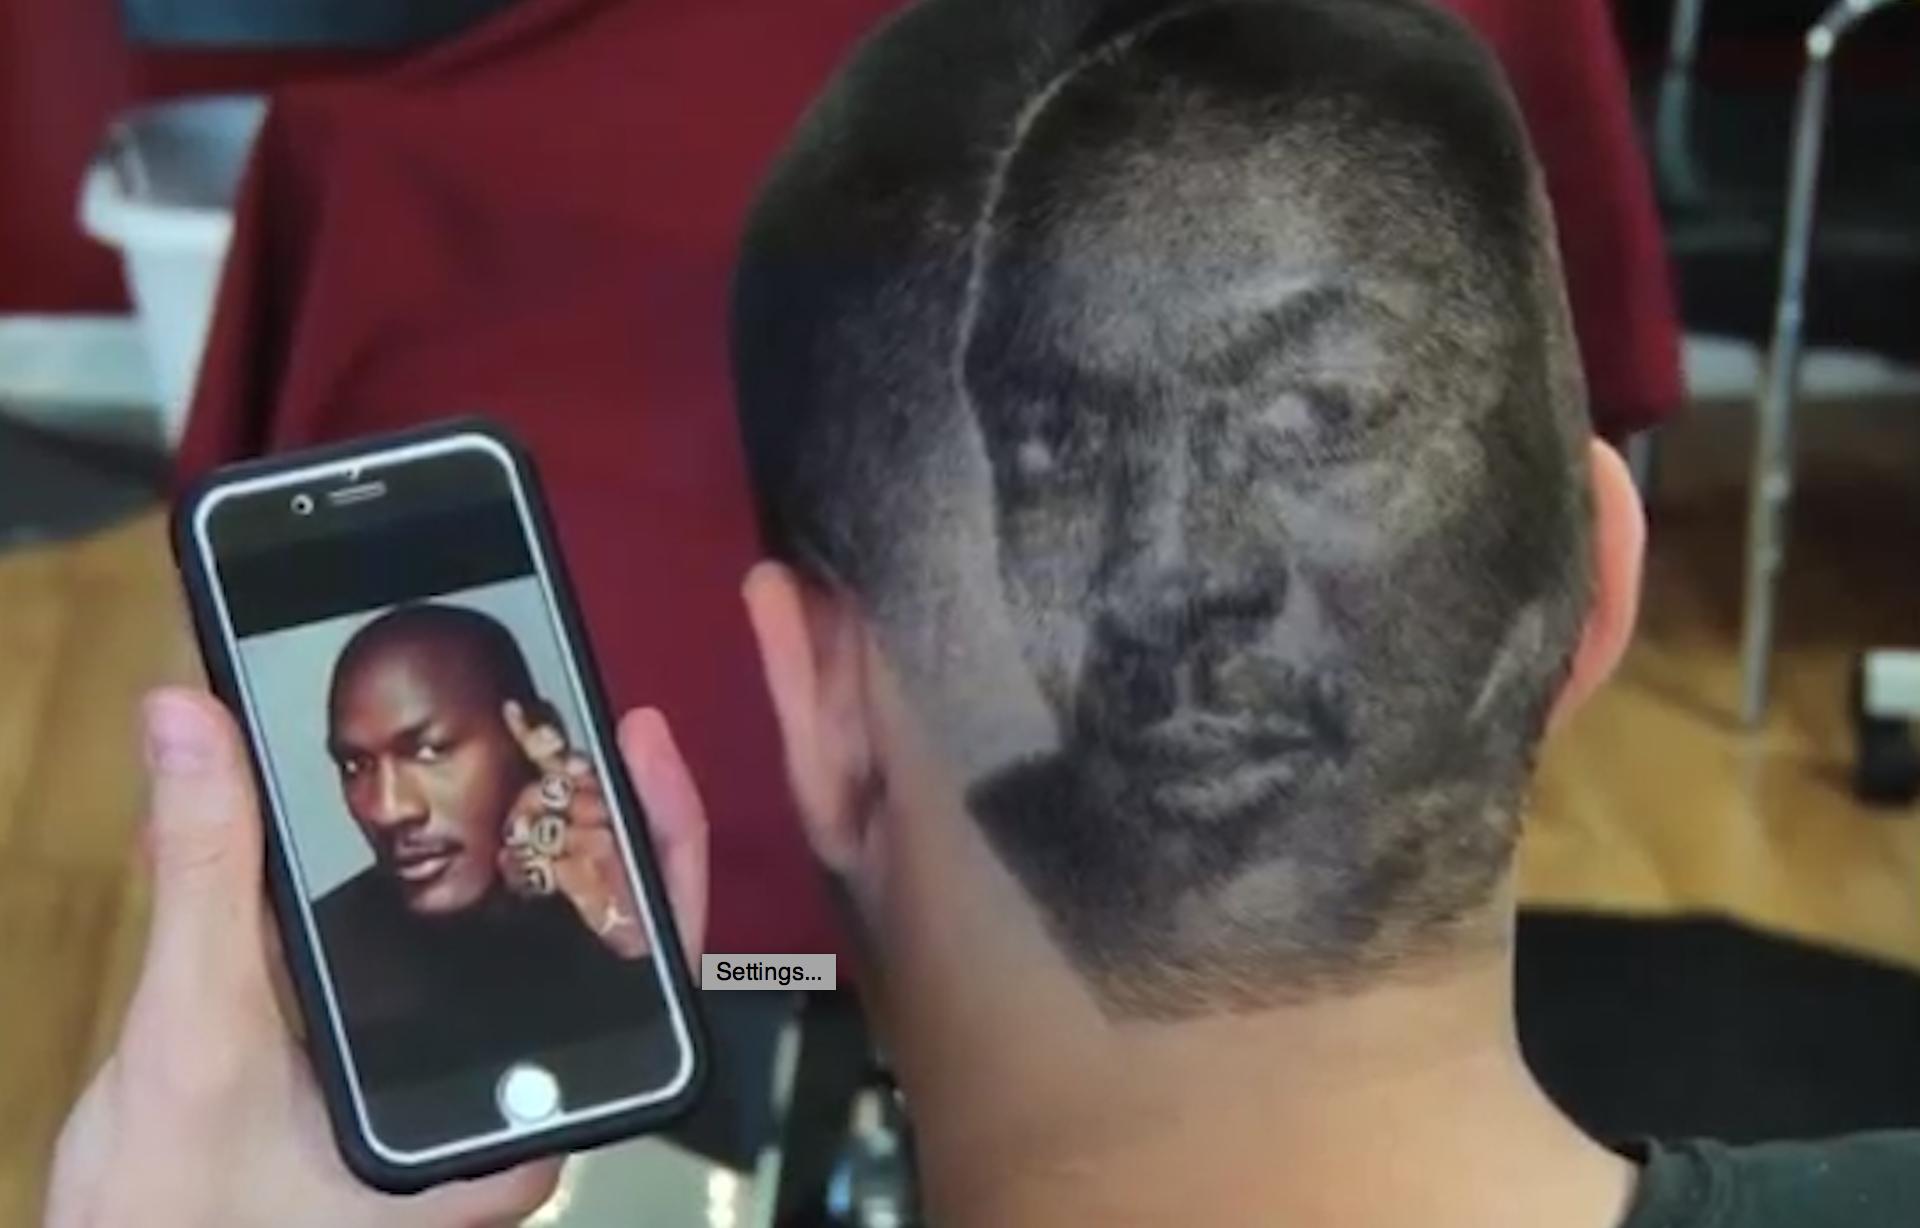 Conoce A El Barbero Que Causa Furor Por Retratar A Personajes Famosos En Las Cabezas De Los Clientes